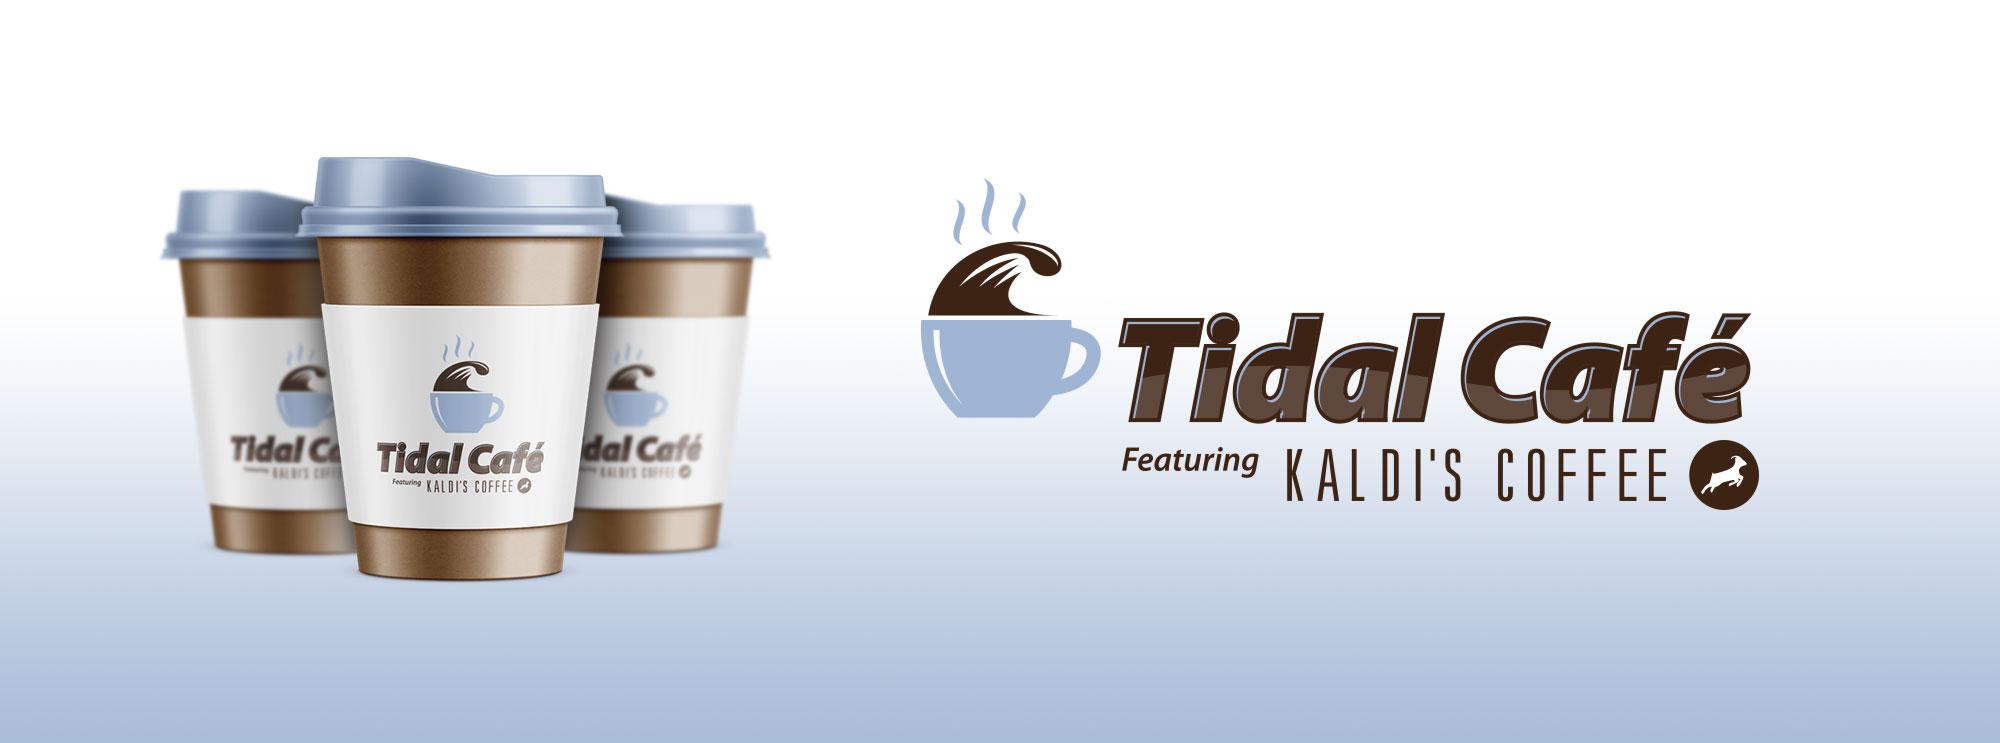 Tidal Cafe Branding